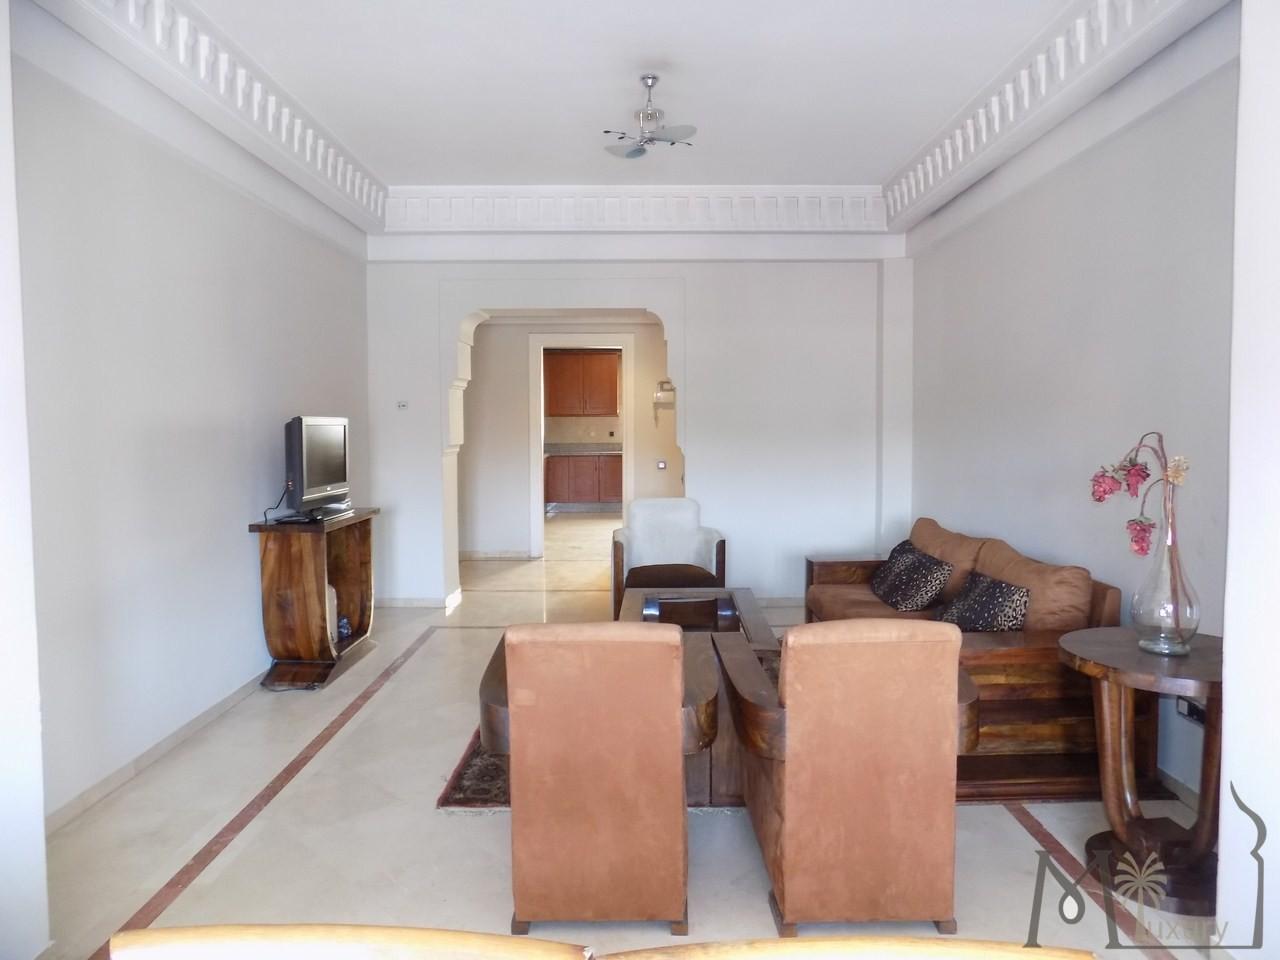 Vente <strong>Appartement</strong> Marrakech Guéliz <strong>120 m2</strong>